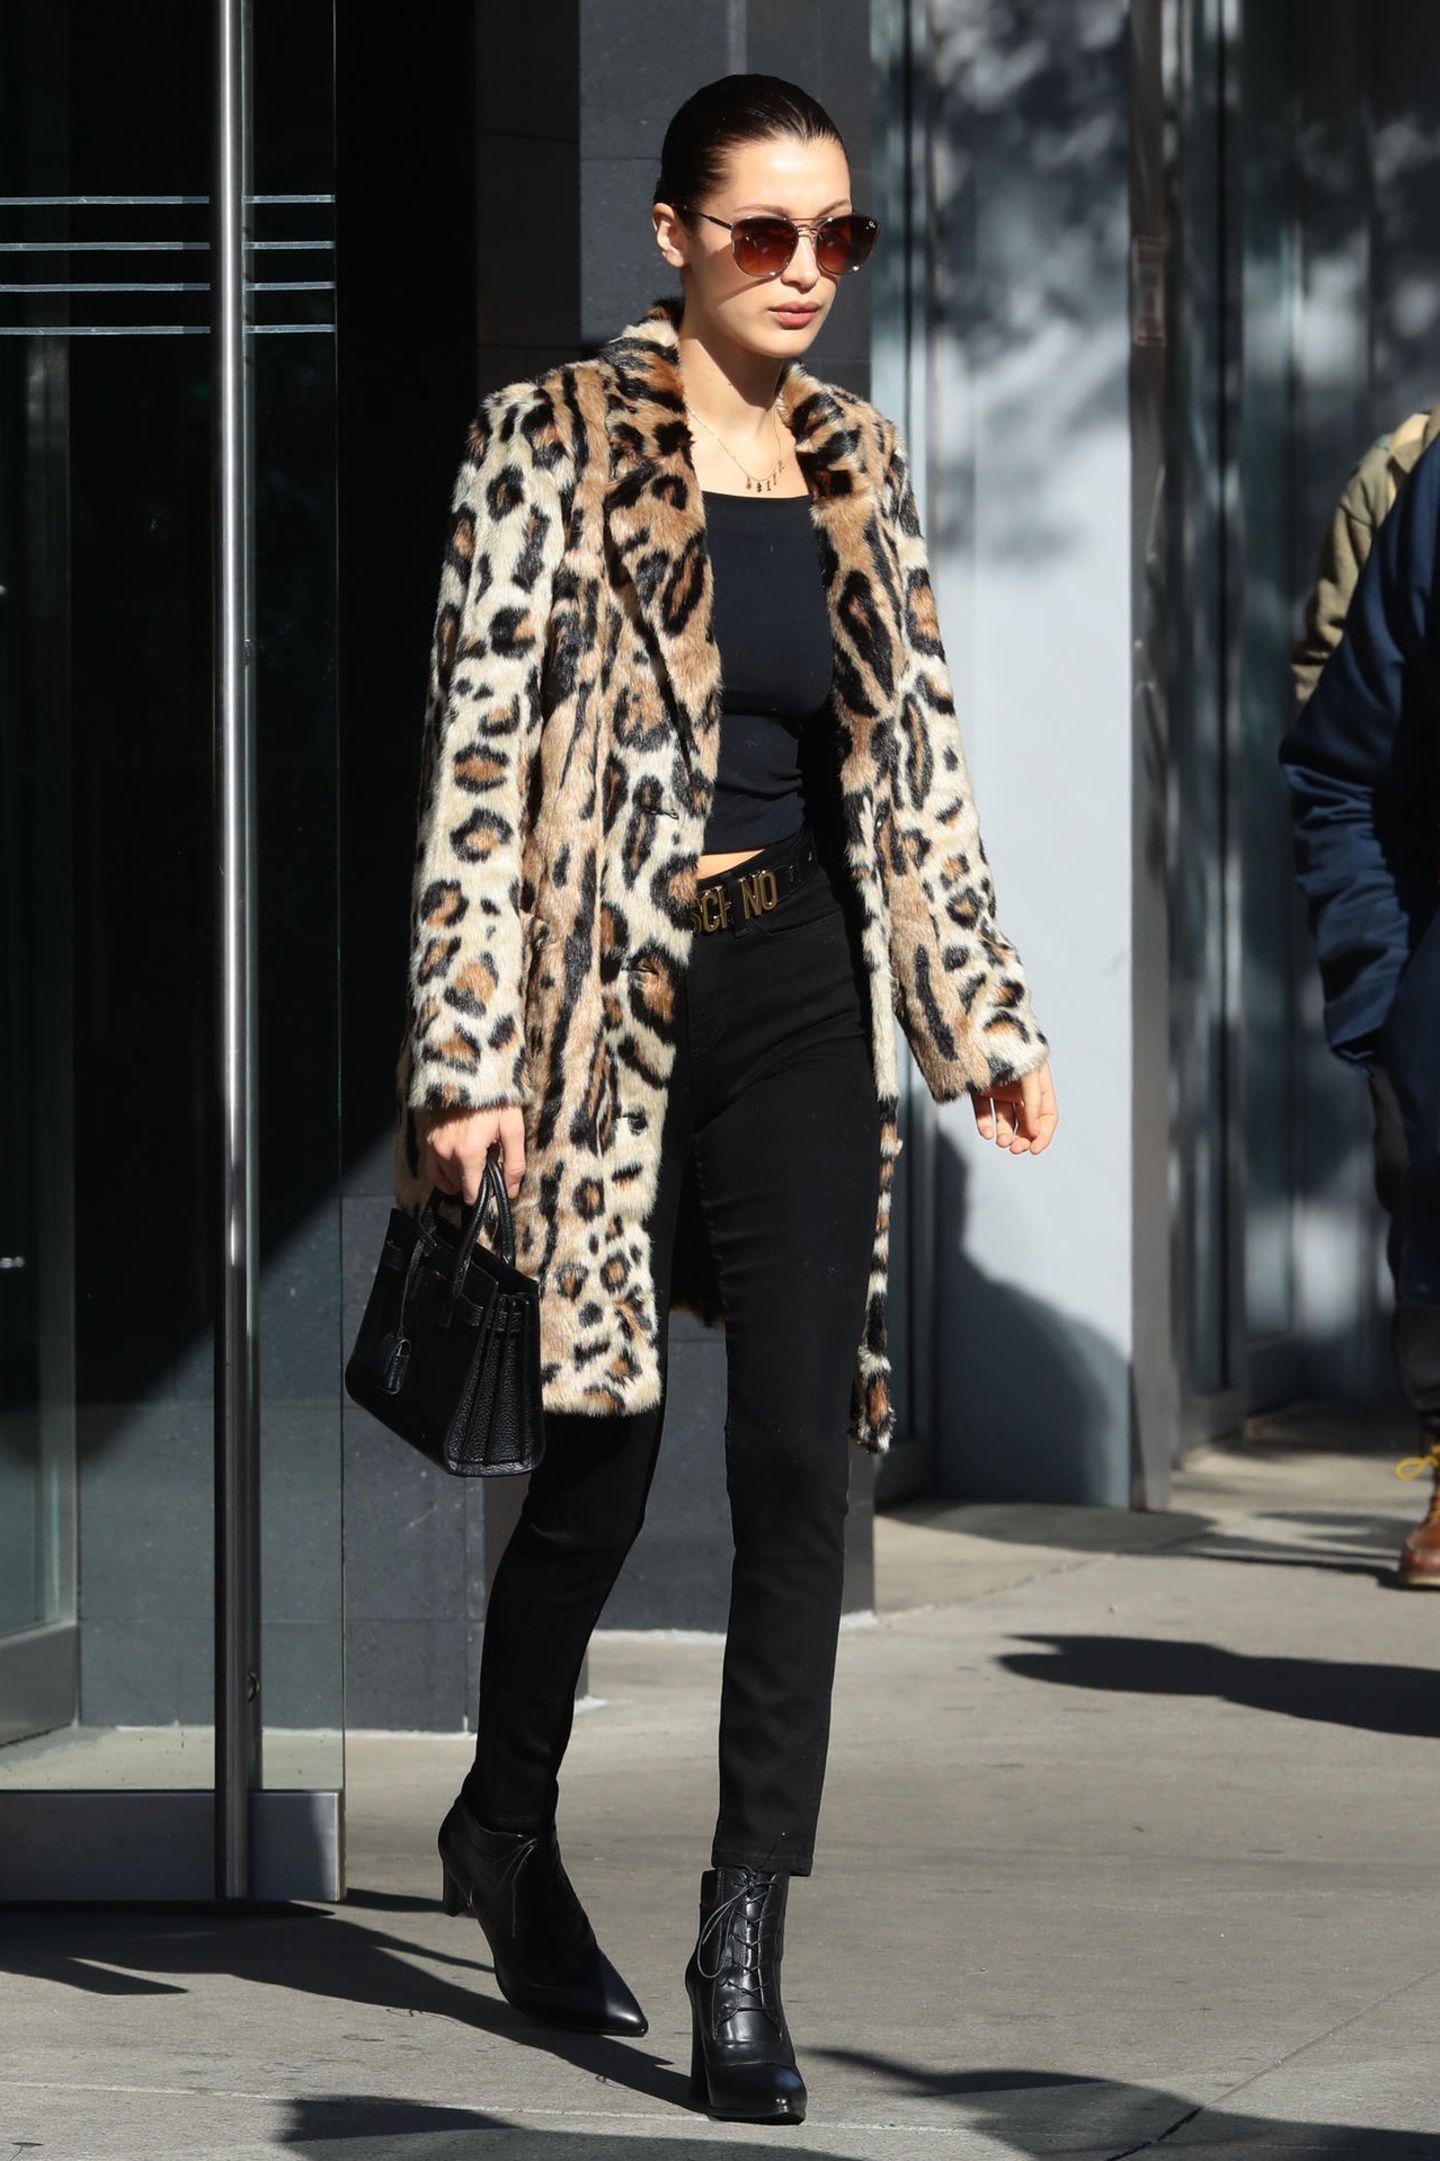 Bella Hadid beweist mit ihrem Look, dass ein Leo-Mantel selbst das düsterste Outfit zum Hingucker machen kann. Ein cooler Gürtel, eine tolle Tasche und schlichte Stiefel runden alles ab.